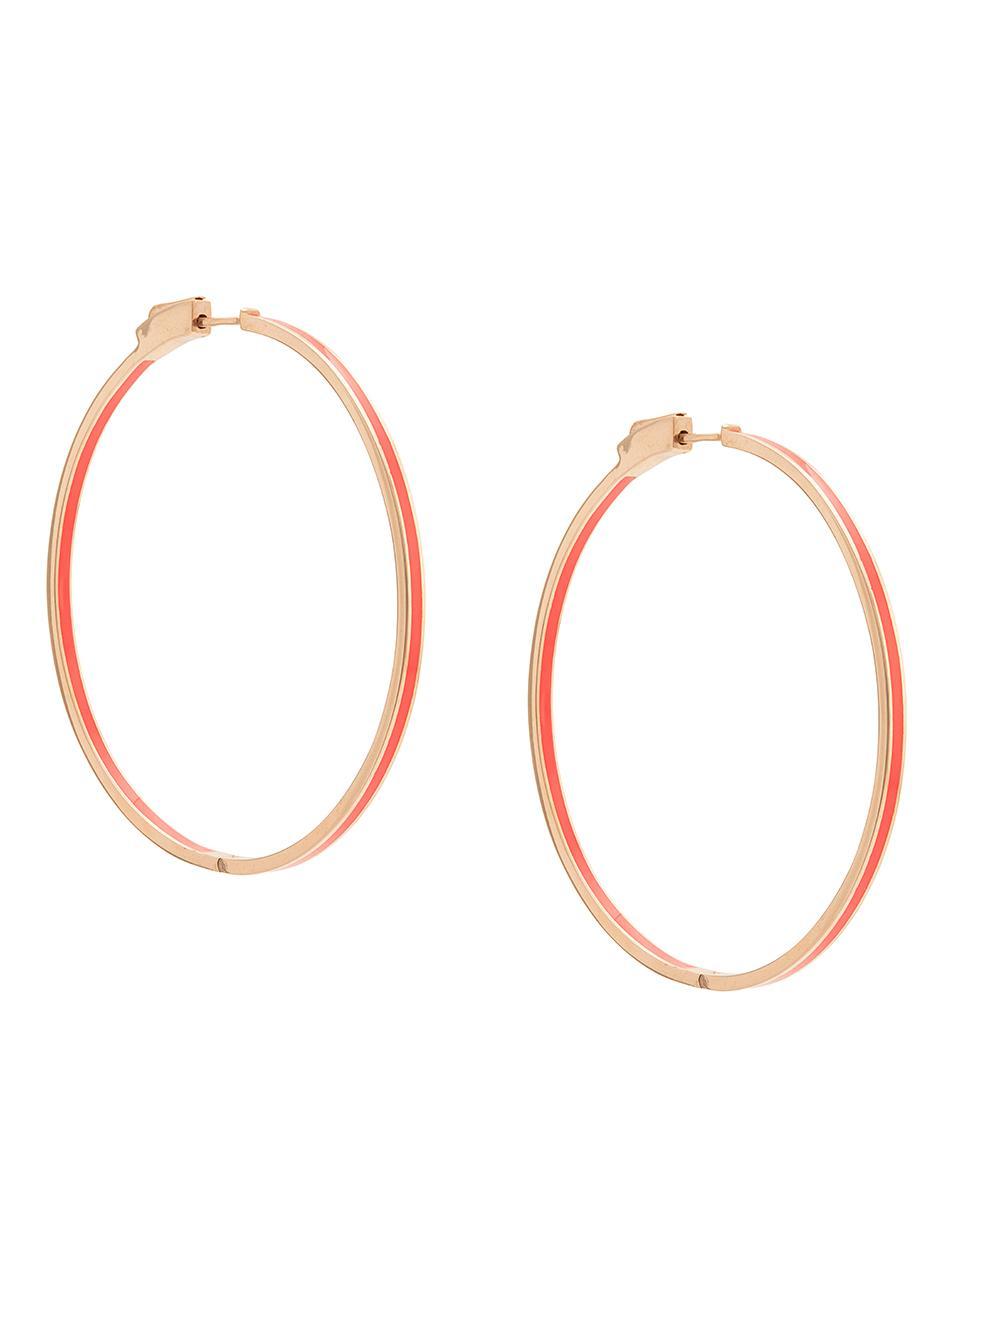 Kristi Enamel Hoop Earring Item # Y528N71202